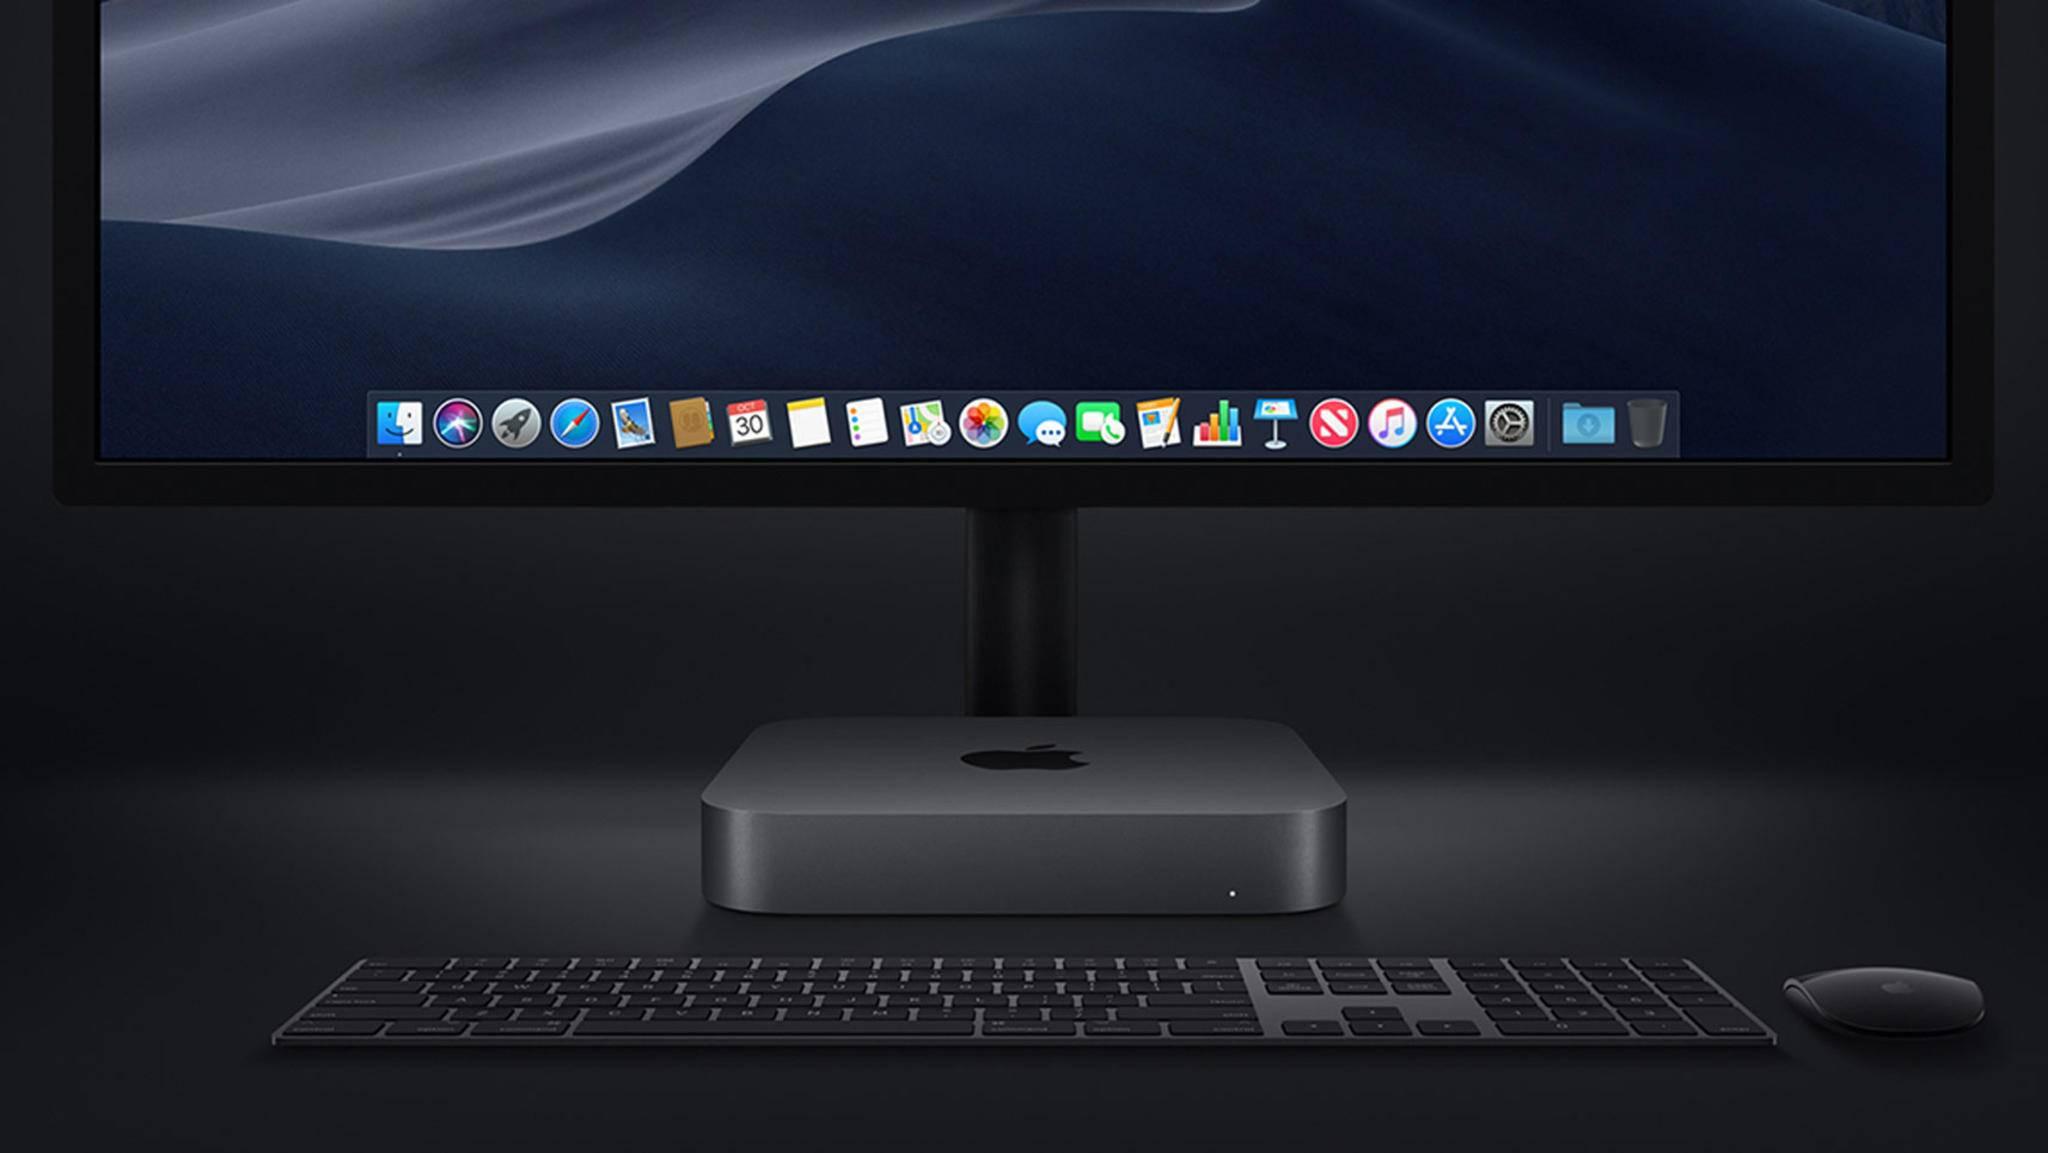 Der Mac mini ist wohl der bekannteste Mini-PC.